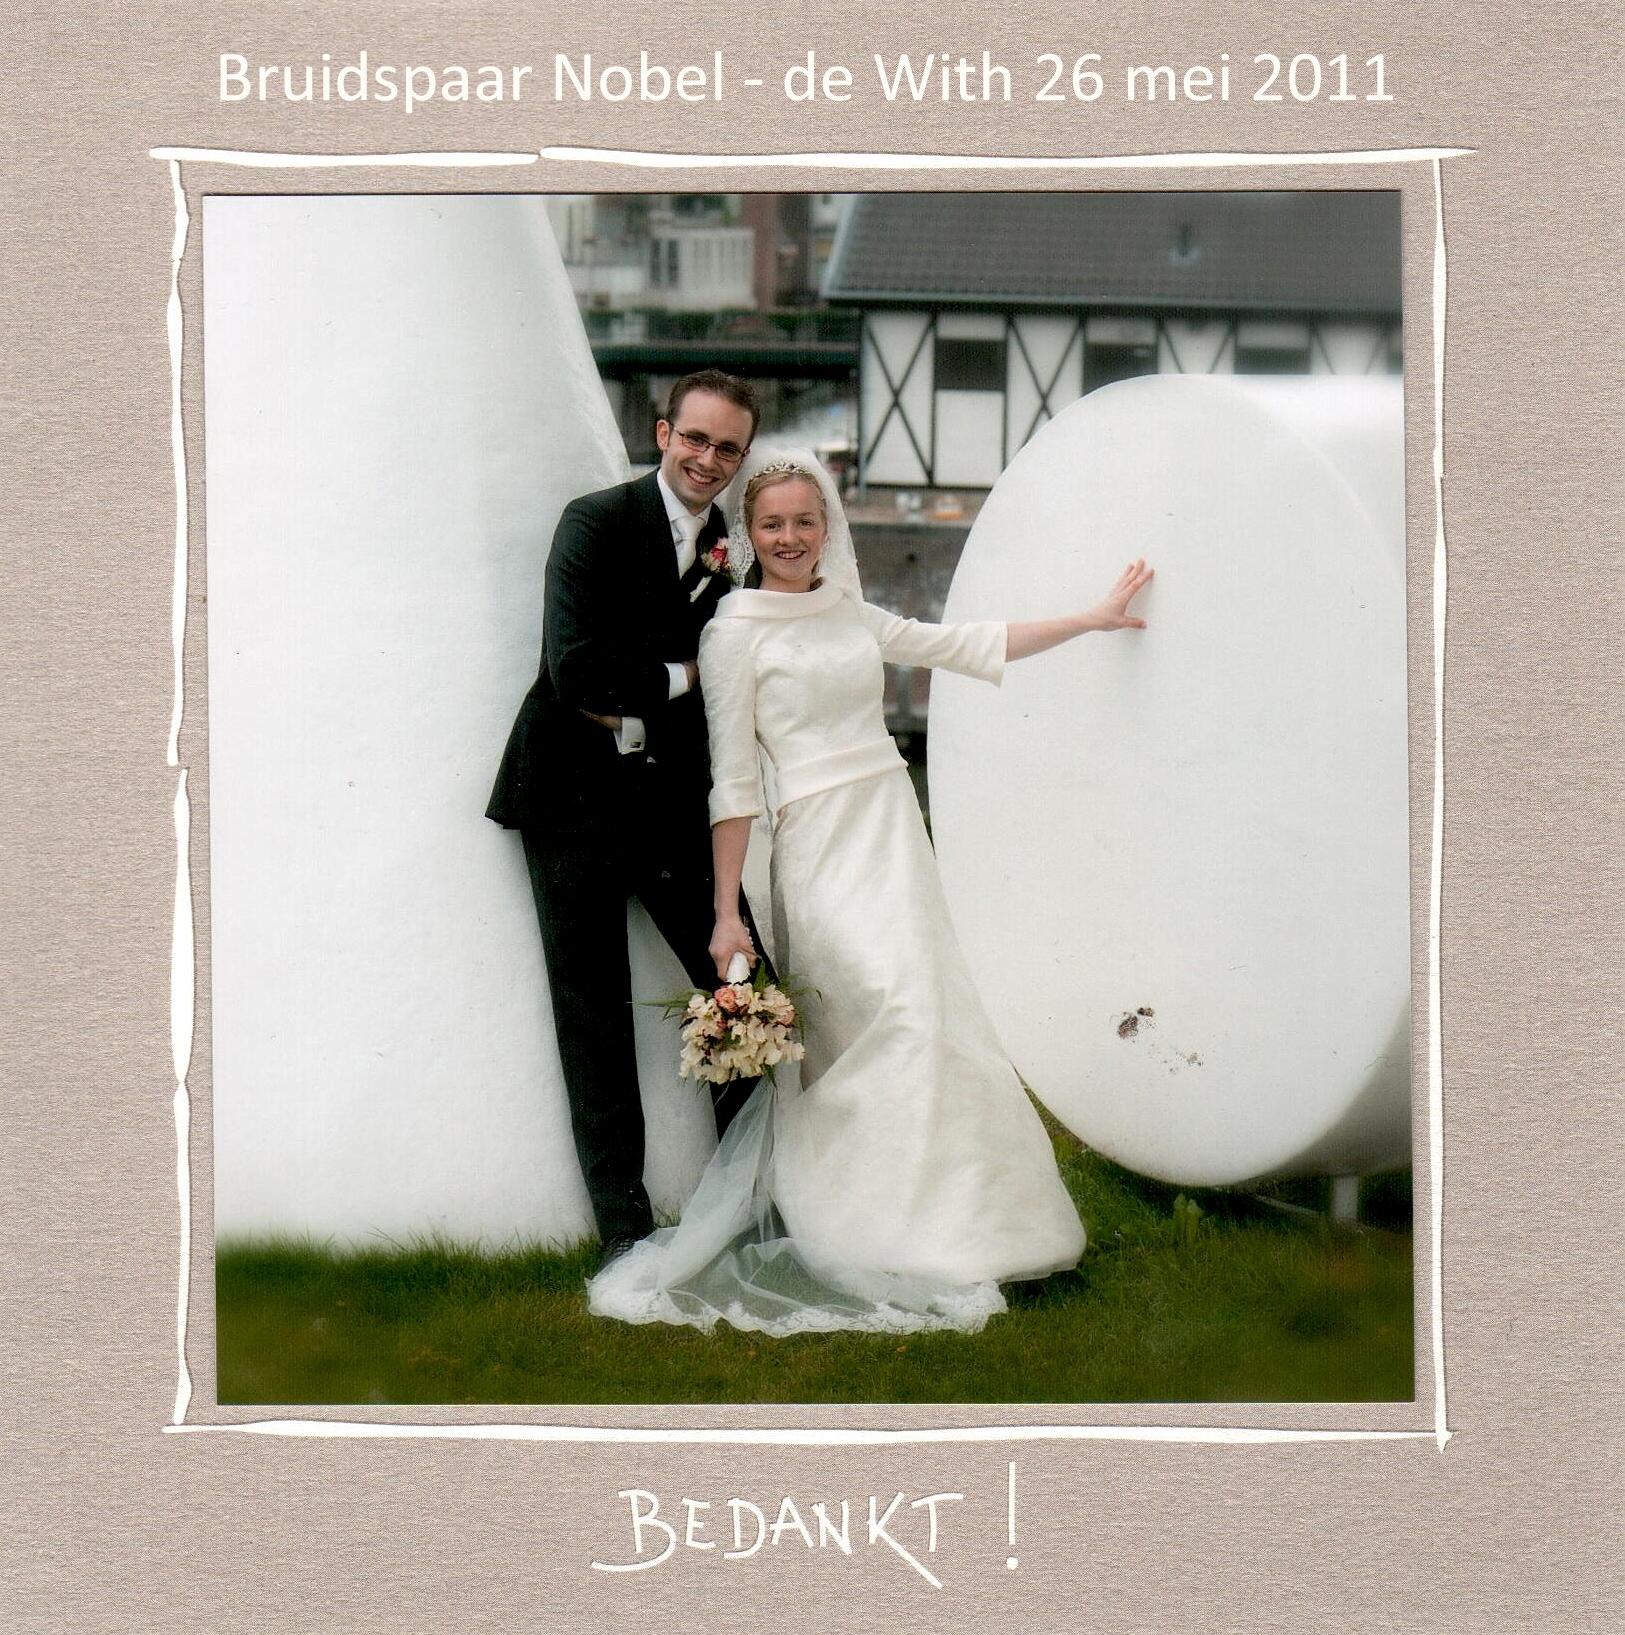 Bruidspaar Nobel - de With